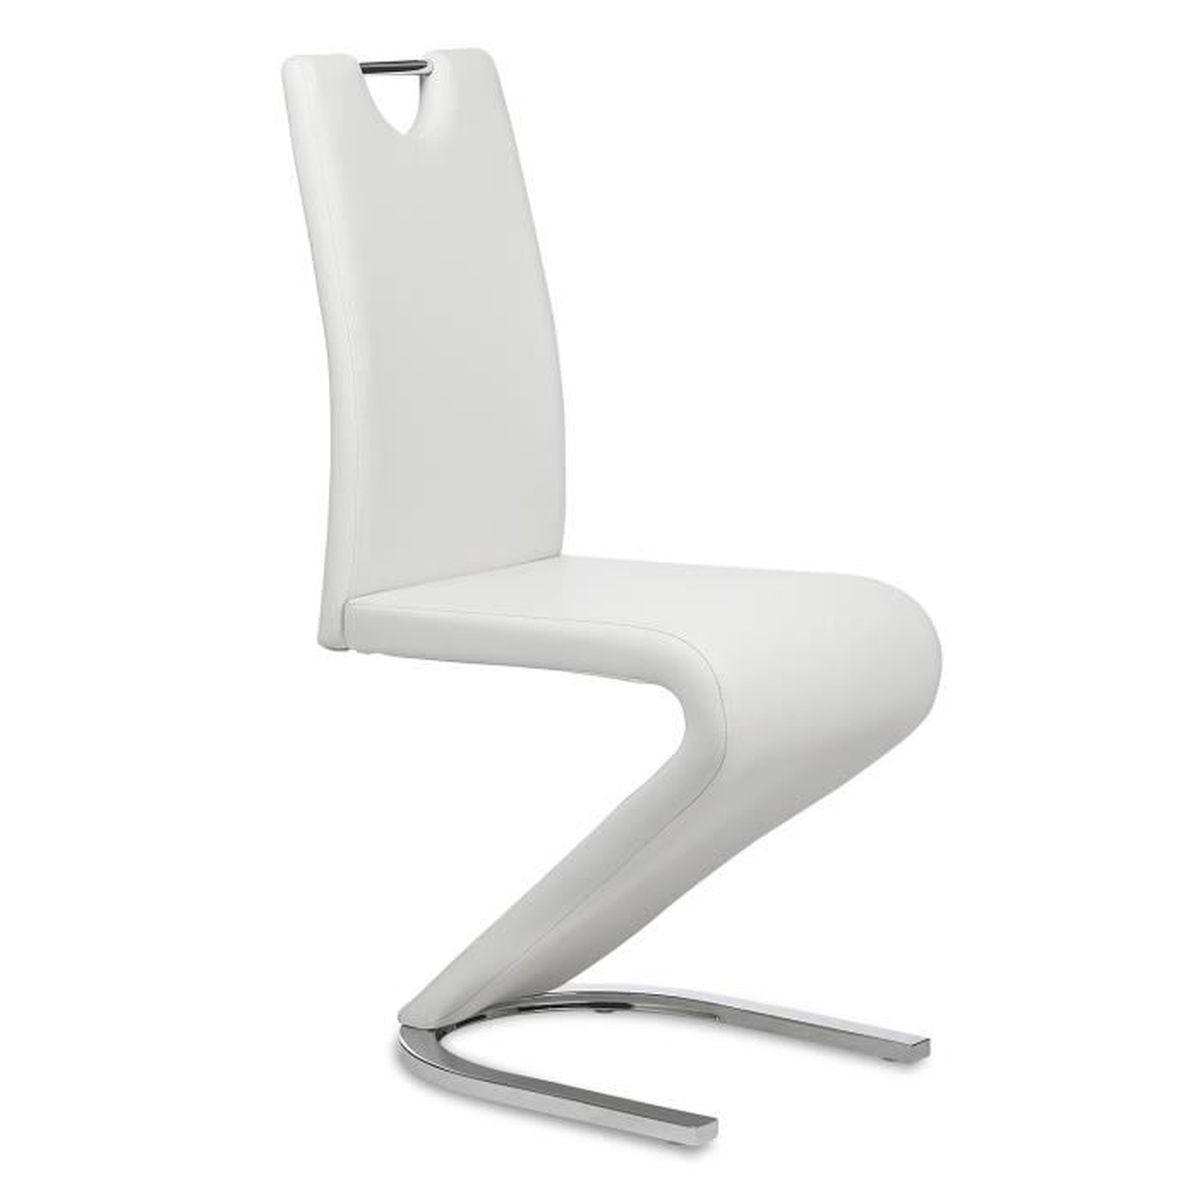 Chaise balance achat vente pas cher for Ou trouver des chaises